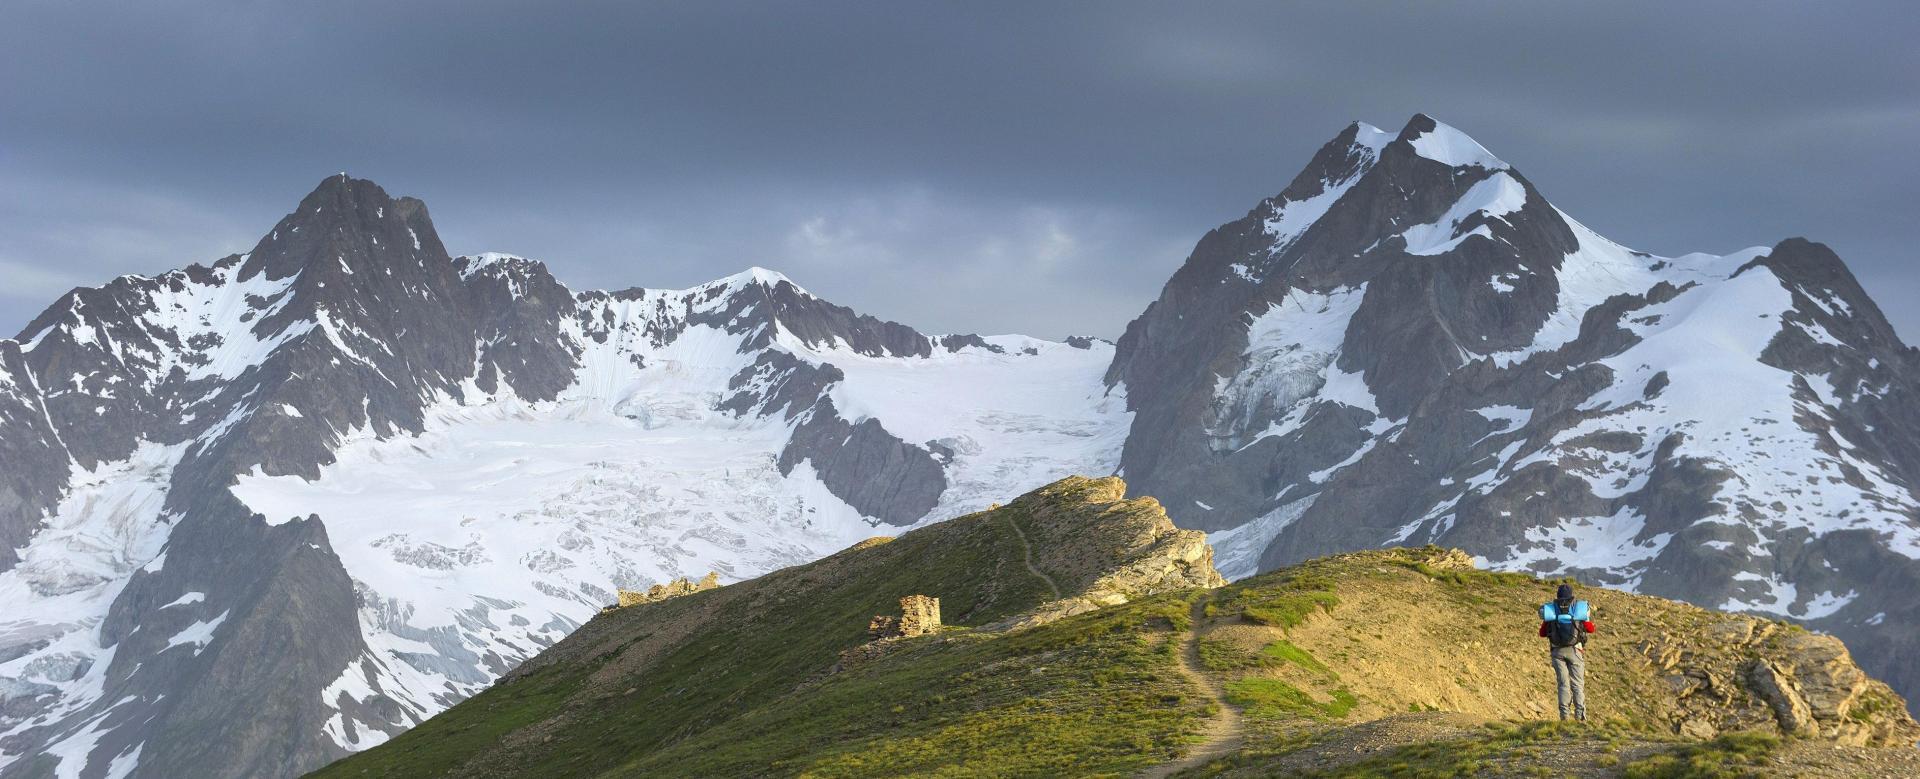 Voyage à pied France : Tour du mont-blanc d'altitude